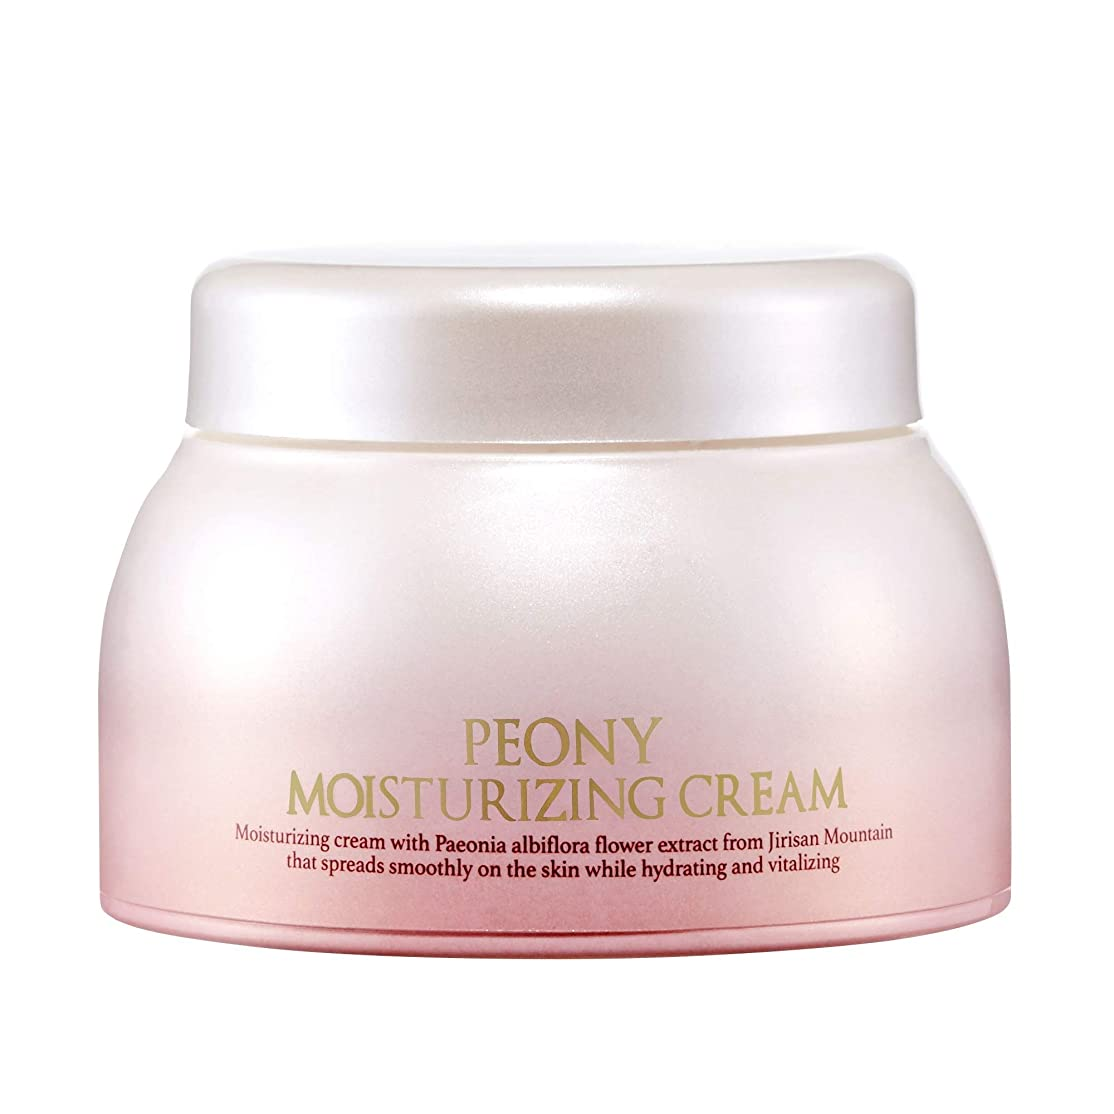 カウントアップスチュワーデスかごBAEGAYUL (ベガユル) シャクヤク 保湿クリーム / Peony Moisturizing Cream (50g) [並行輸入品]